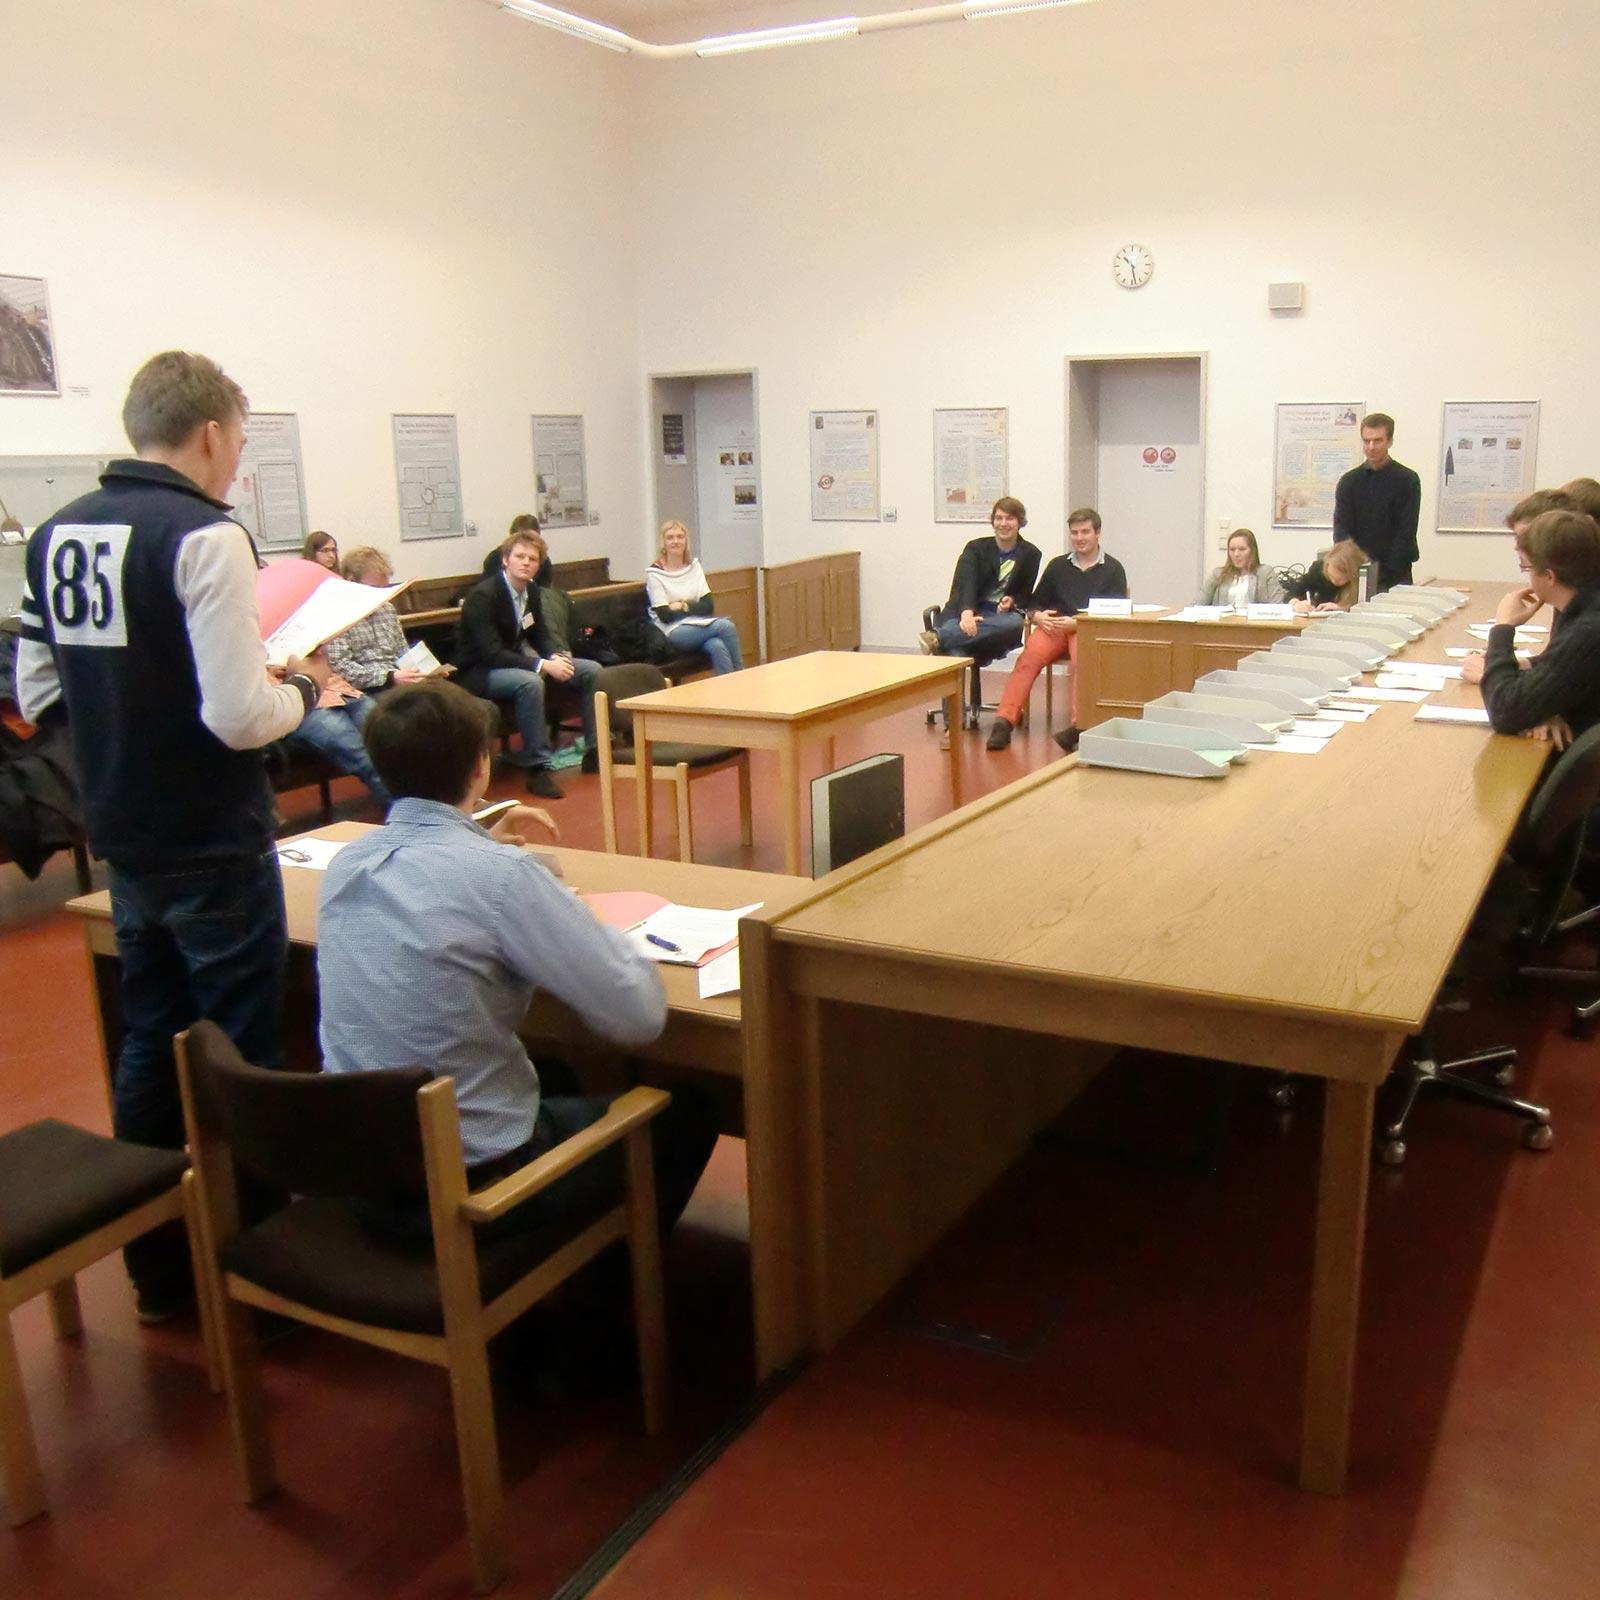 Rollenspiel Offener Gerichtssaal